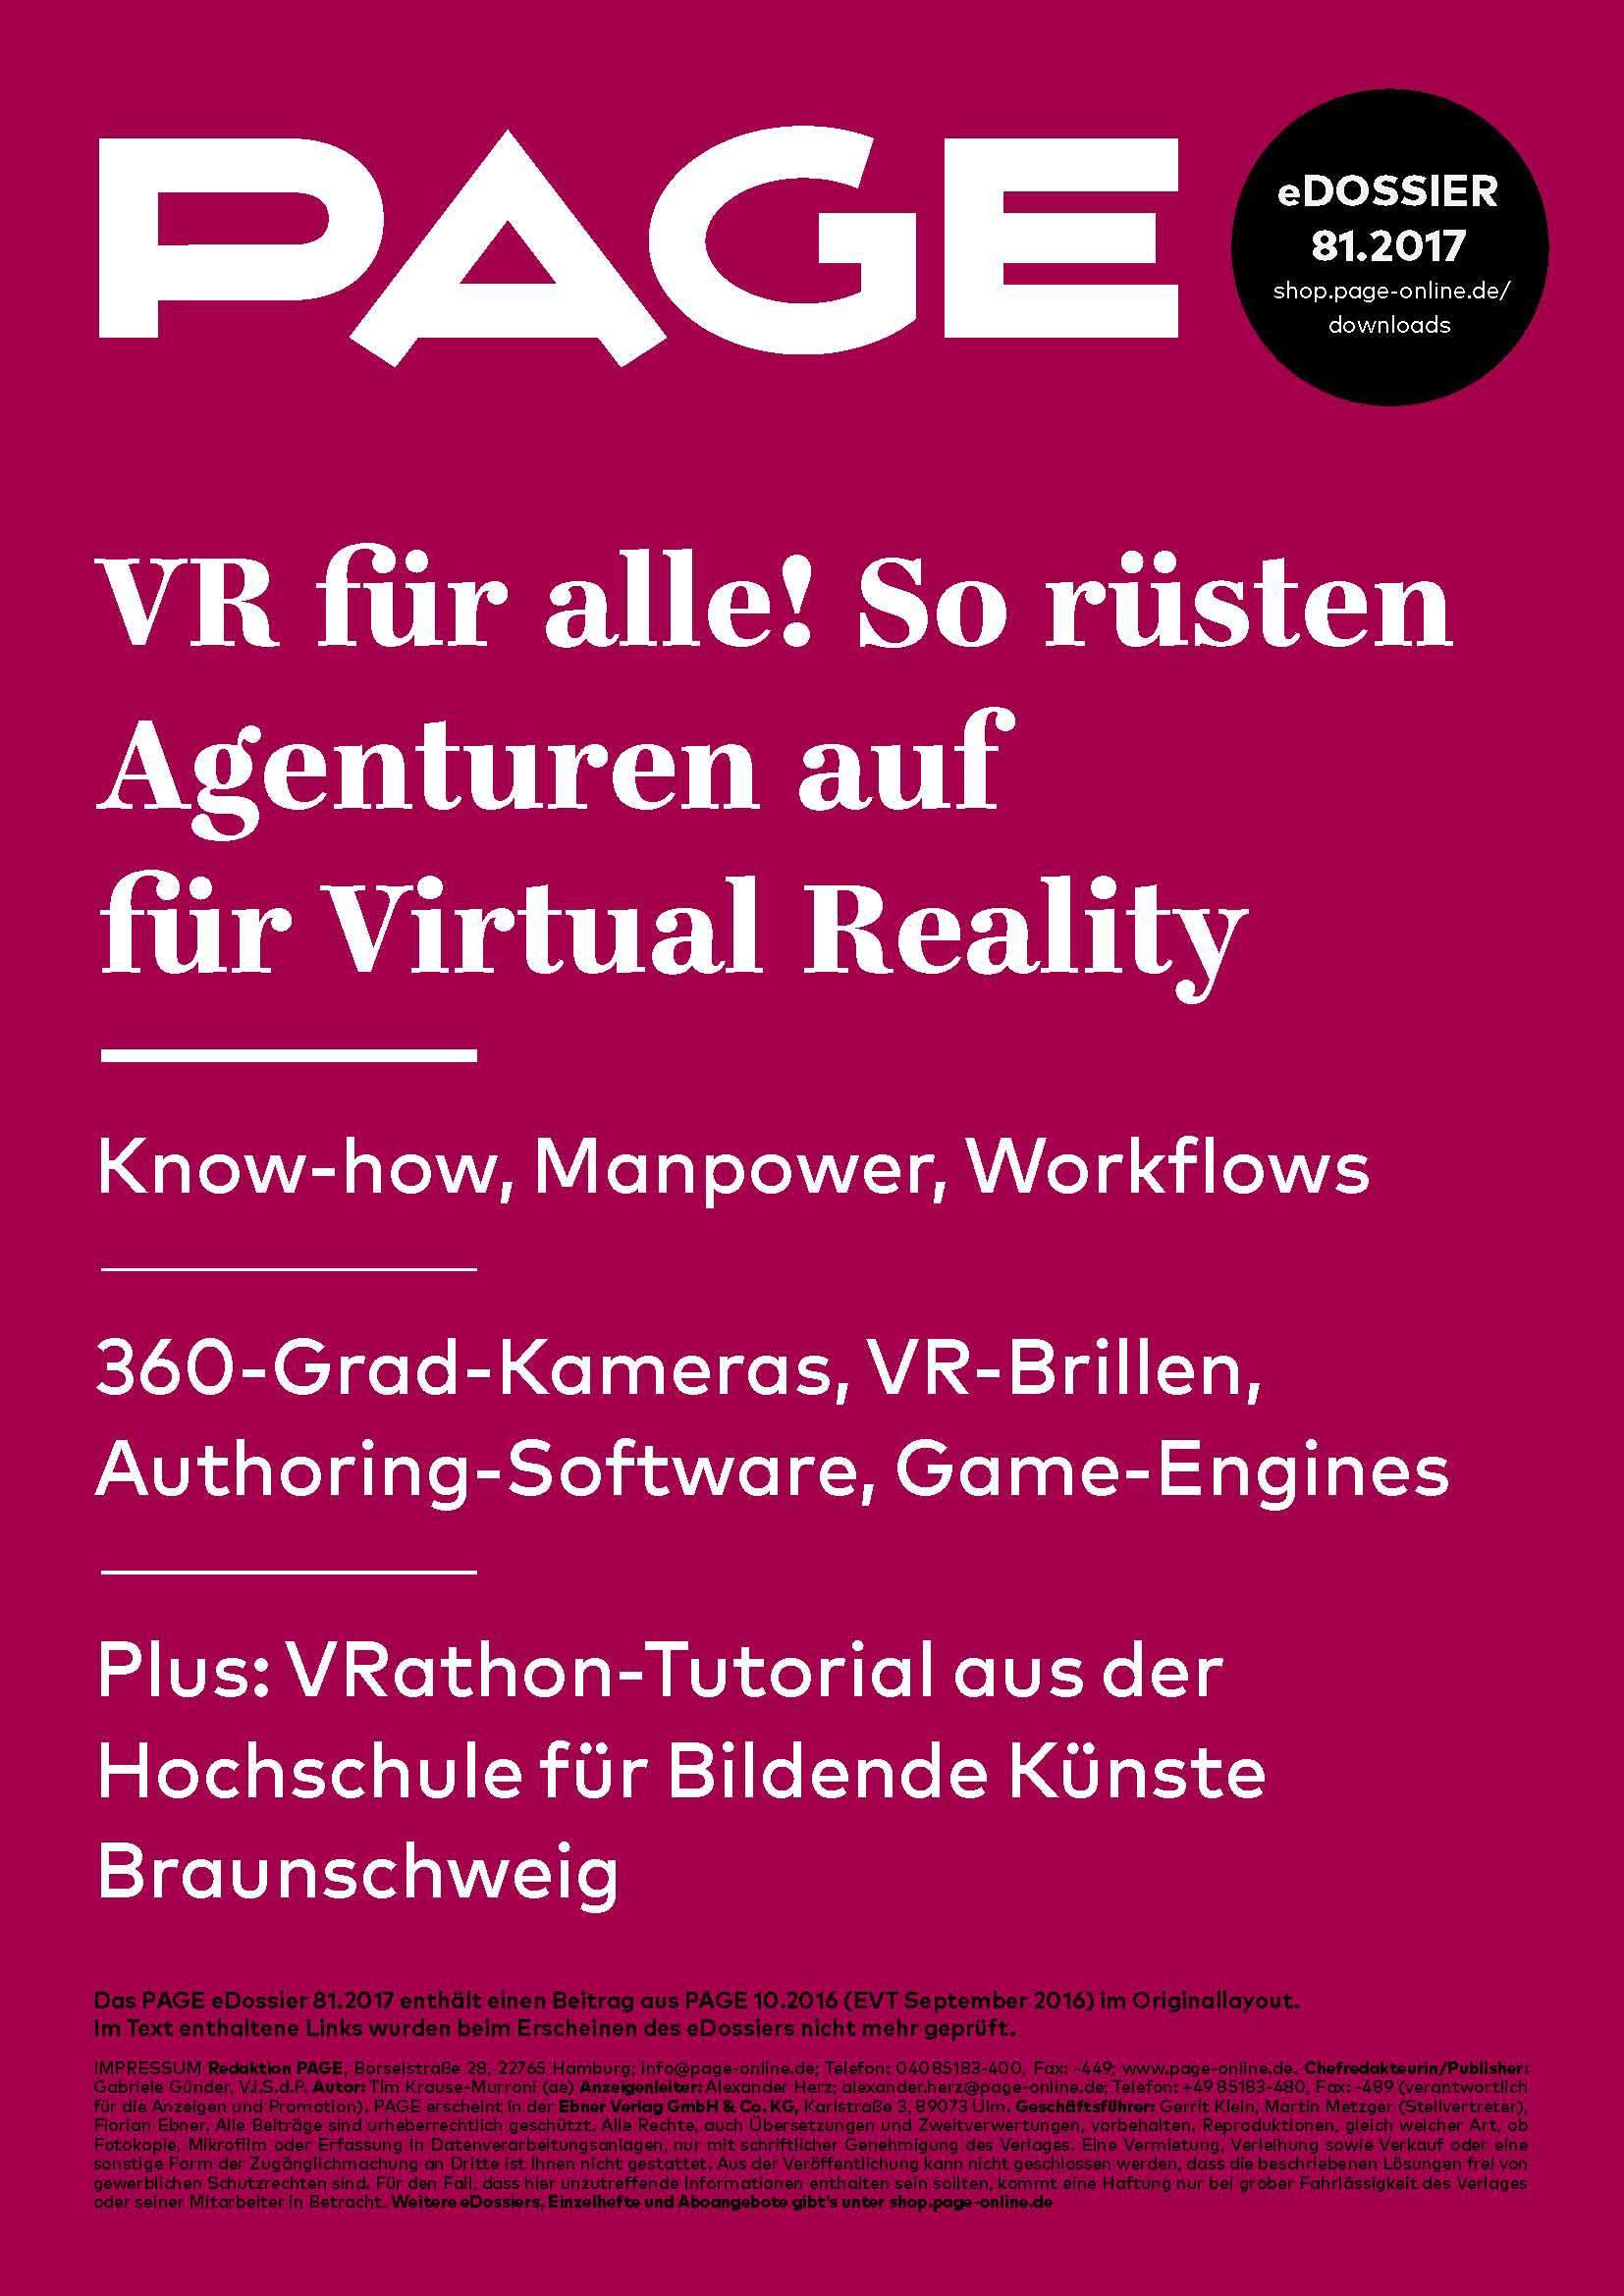 Produkt: eDossier »VR für alle! So rüsten Agenturen auf für Virtual Reality«